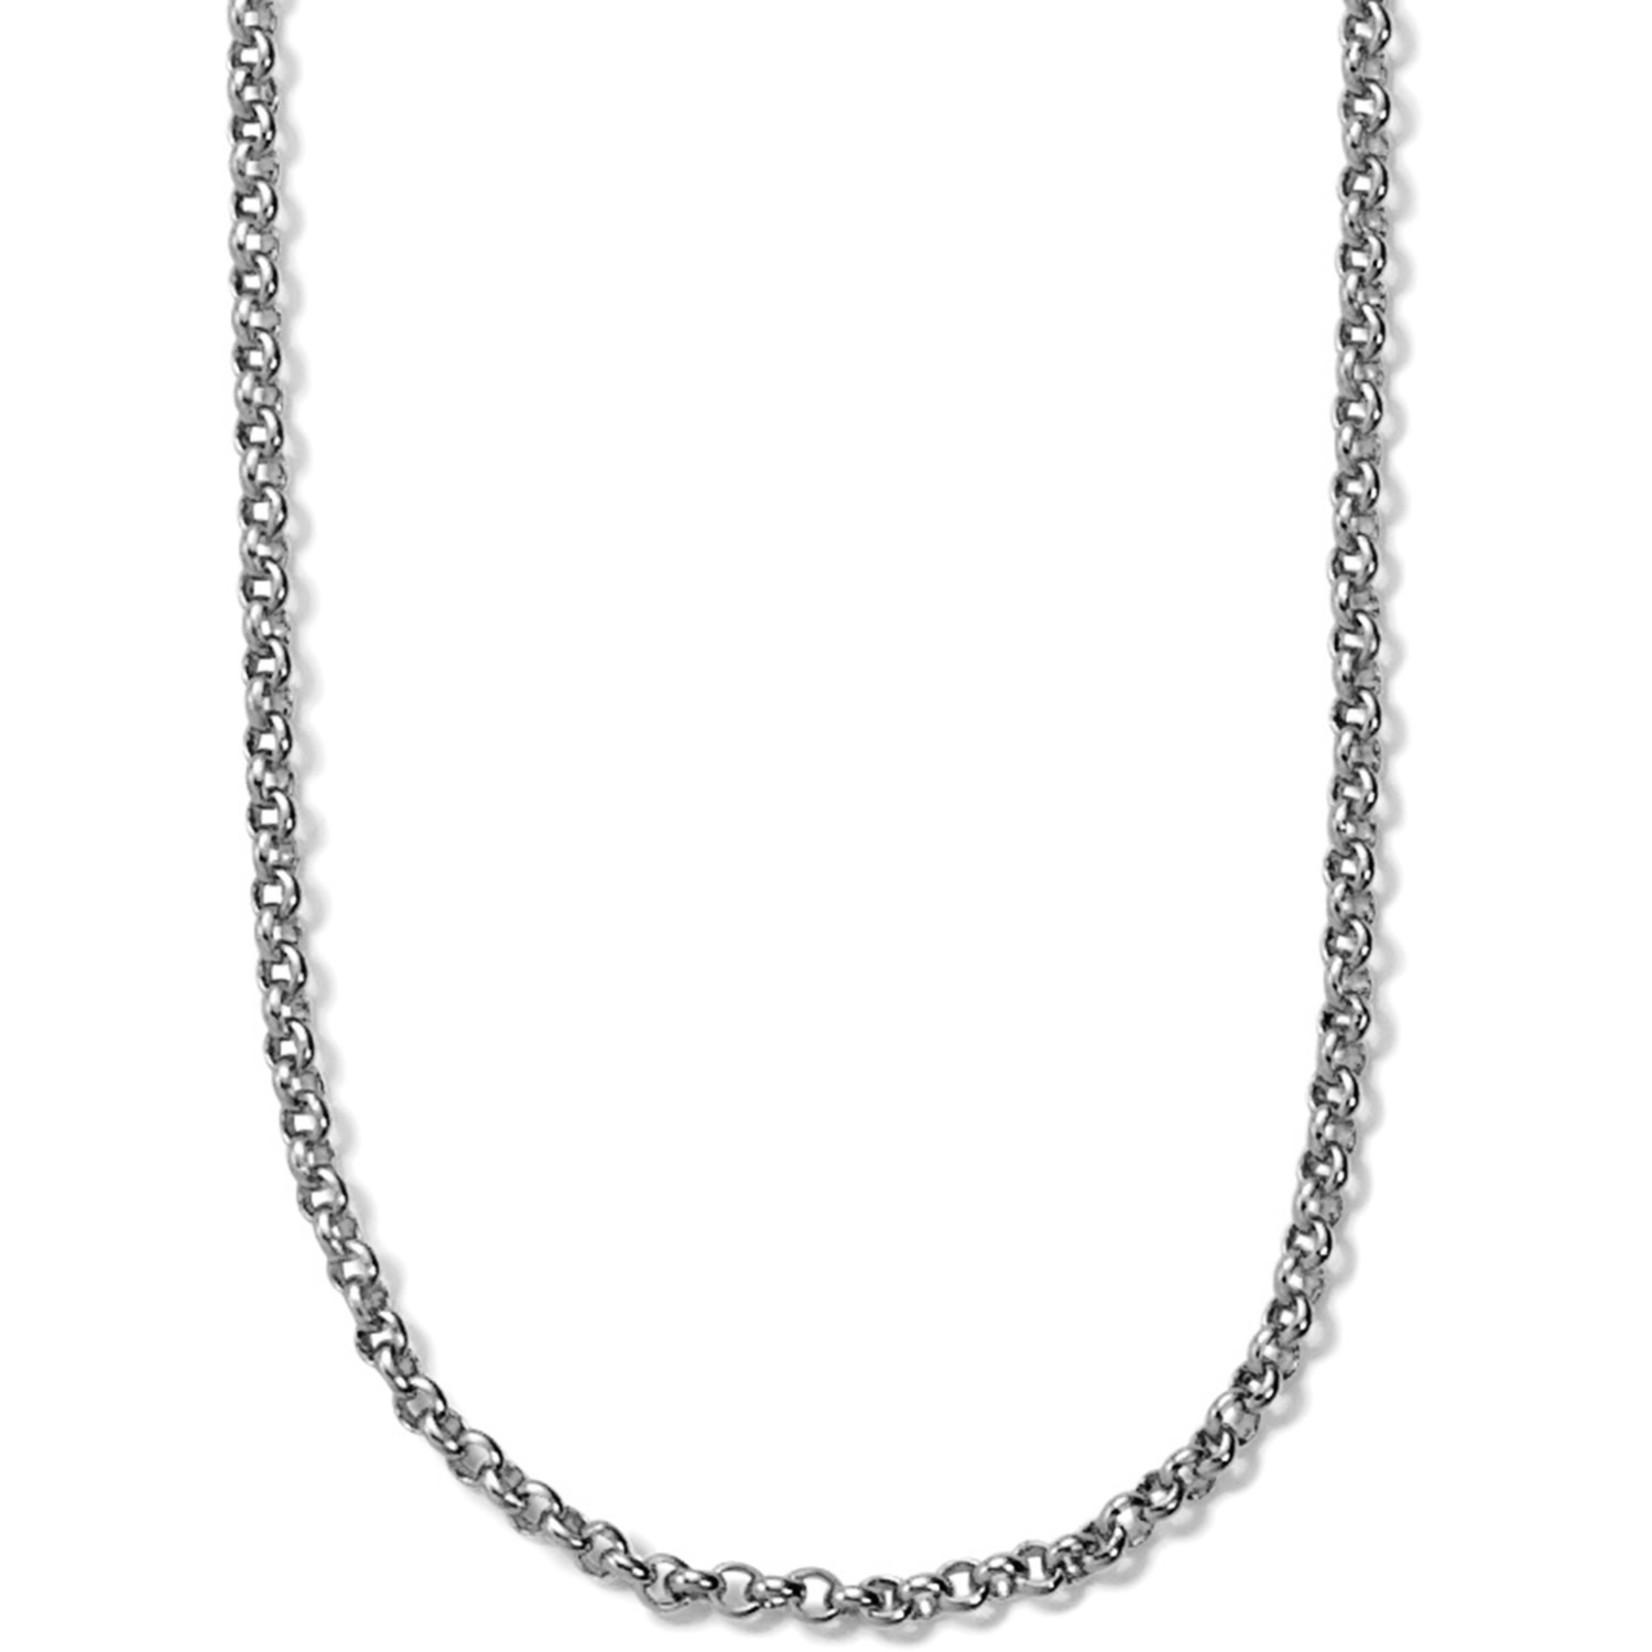 Brighton Vivi Delicate Petite Chain Necklace